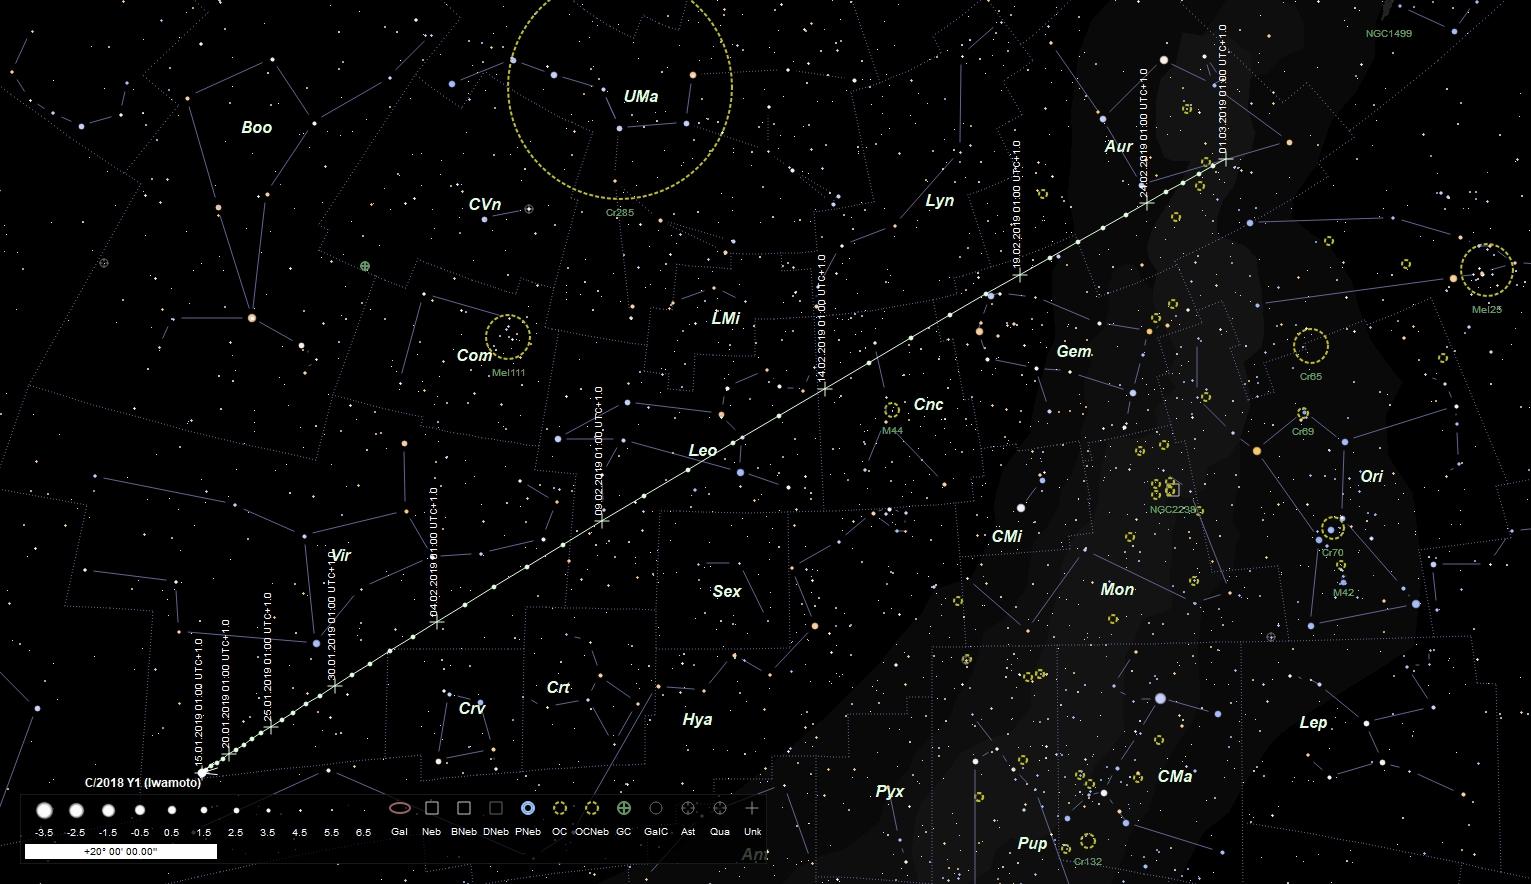 Neuentdeckung: Komet C/2018 Y1 (Iwamoto)